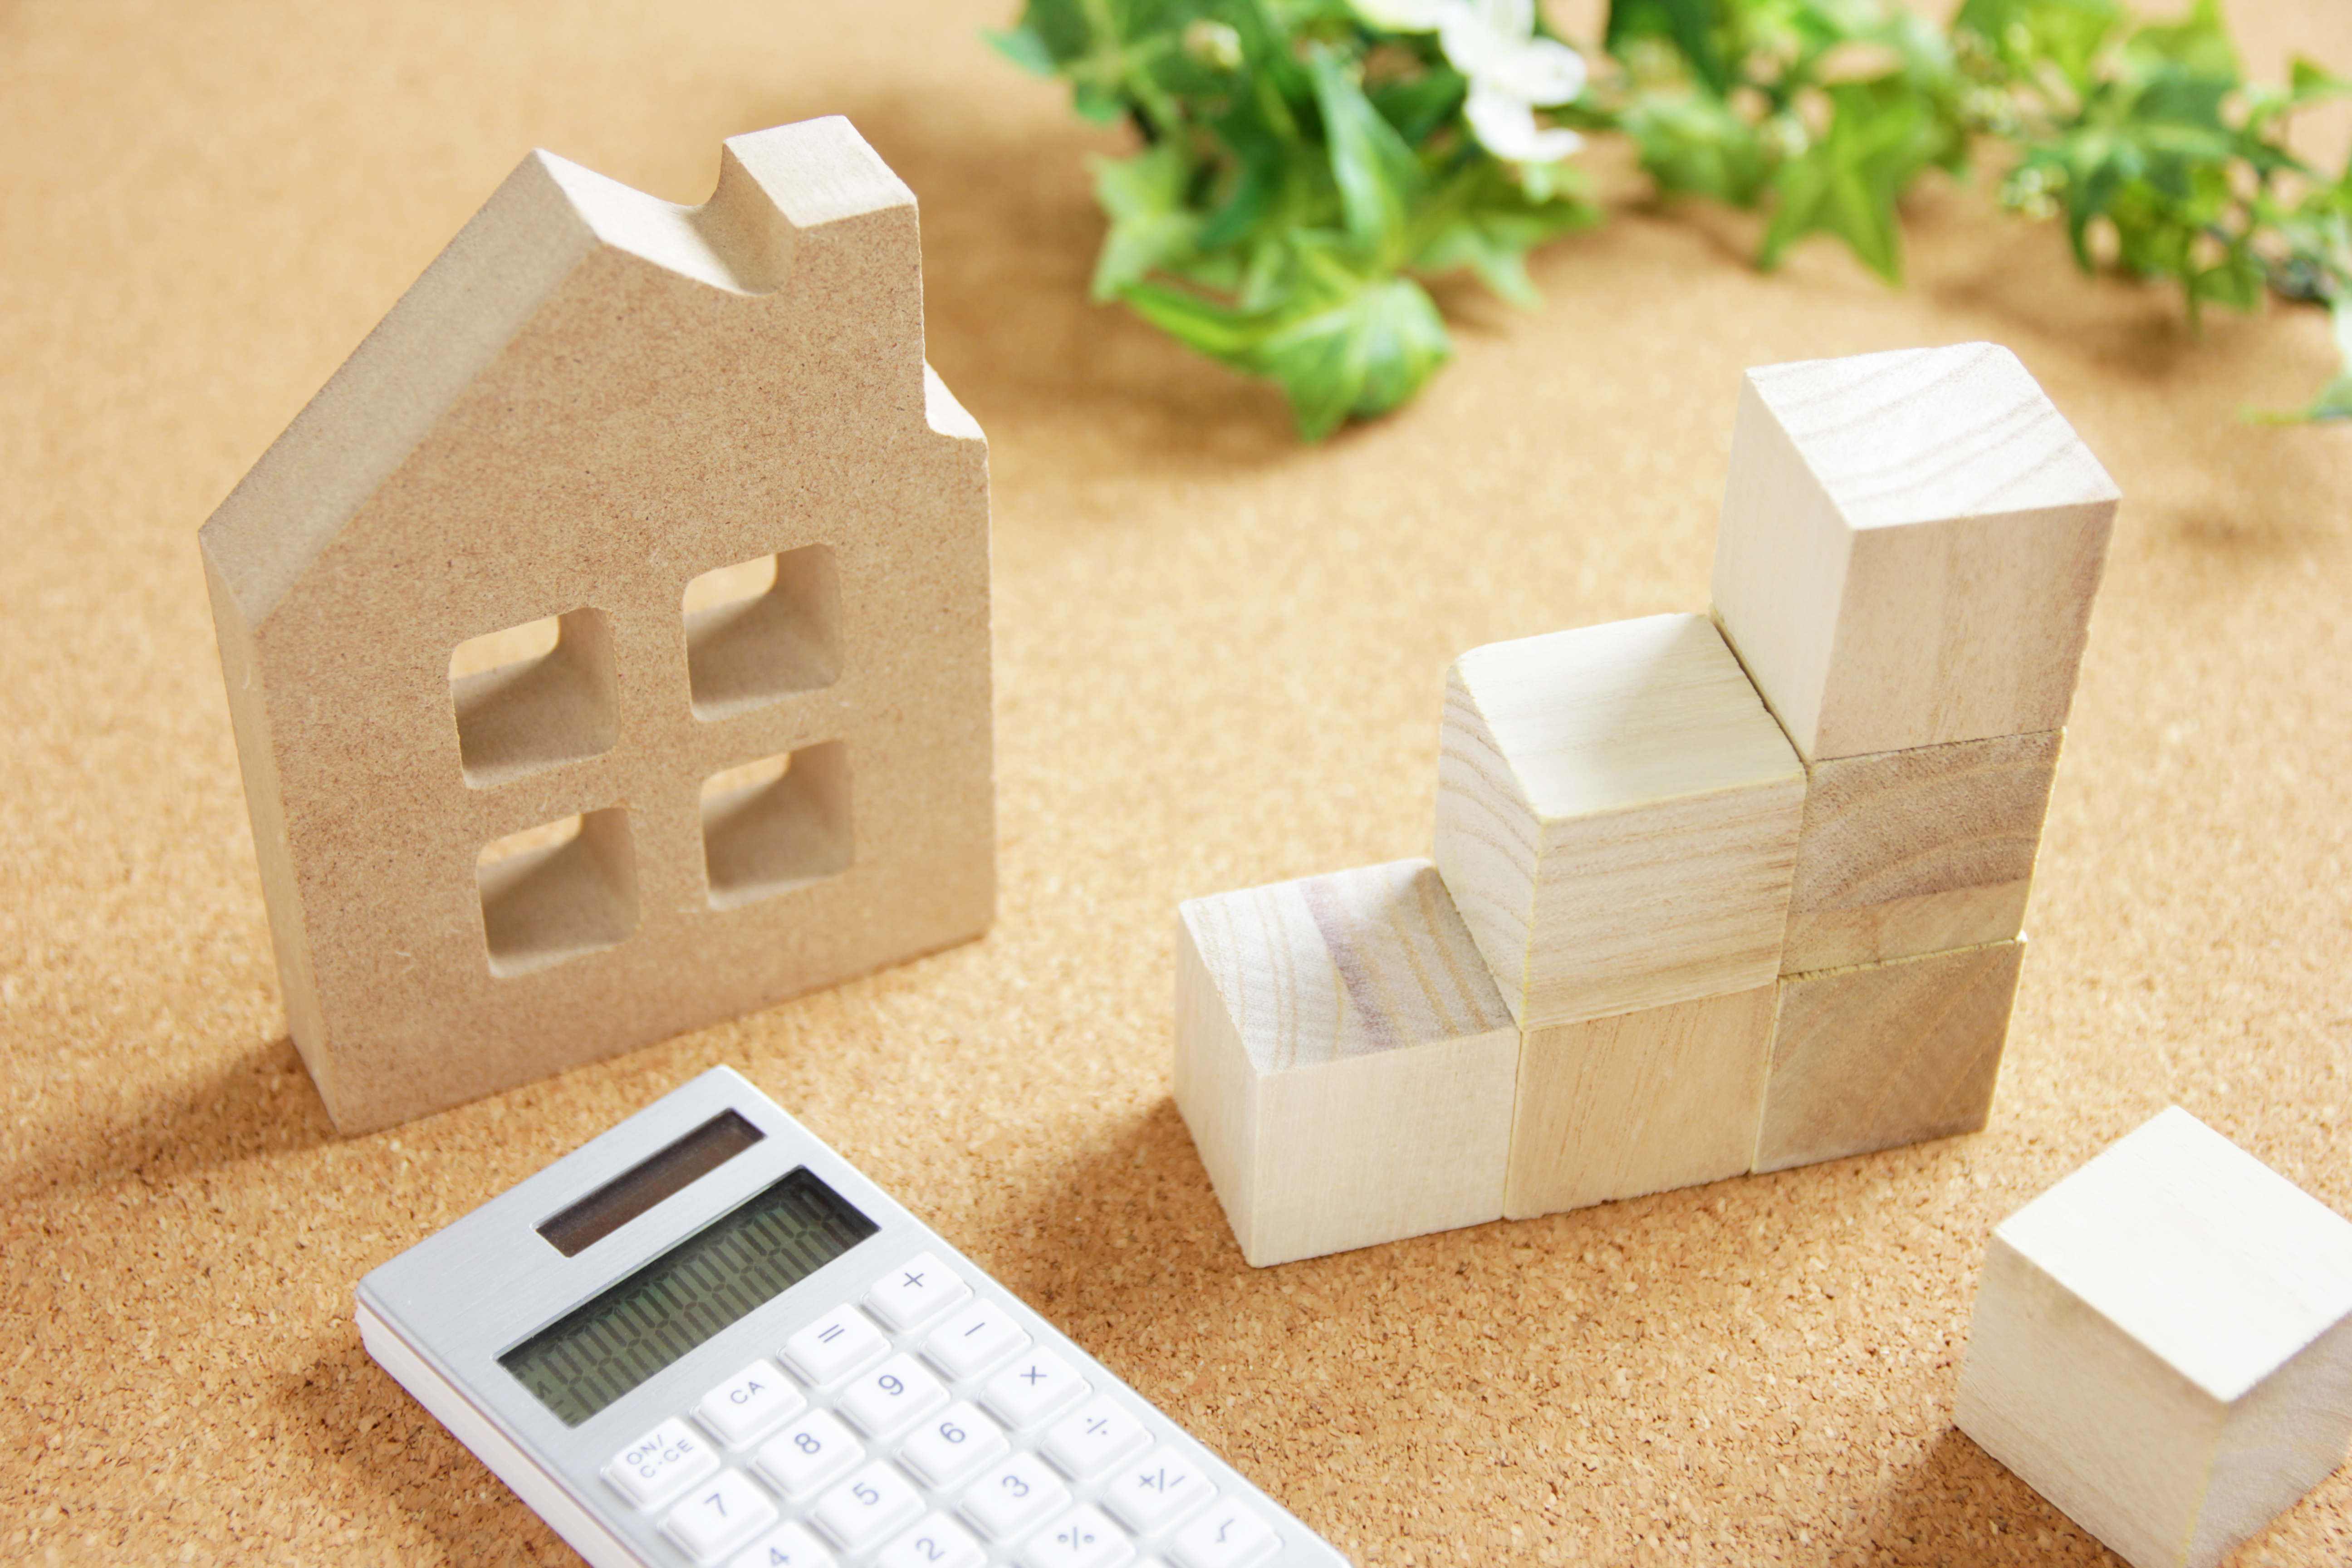 住宅のプロが教えます!家作りの疑問を解消!【ローン・資金計画・土地探しなど、何でも相談会♪】